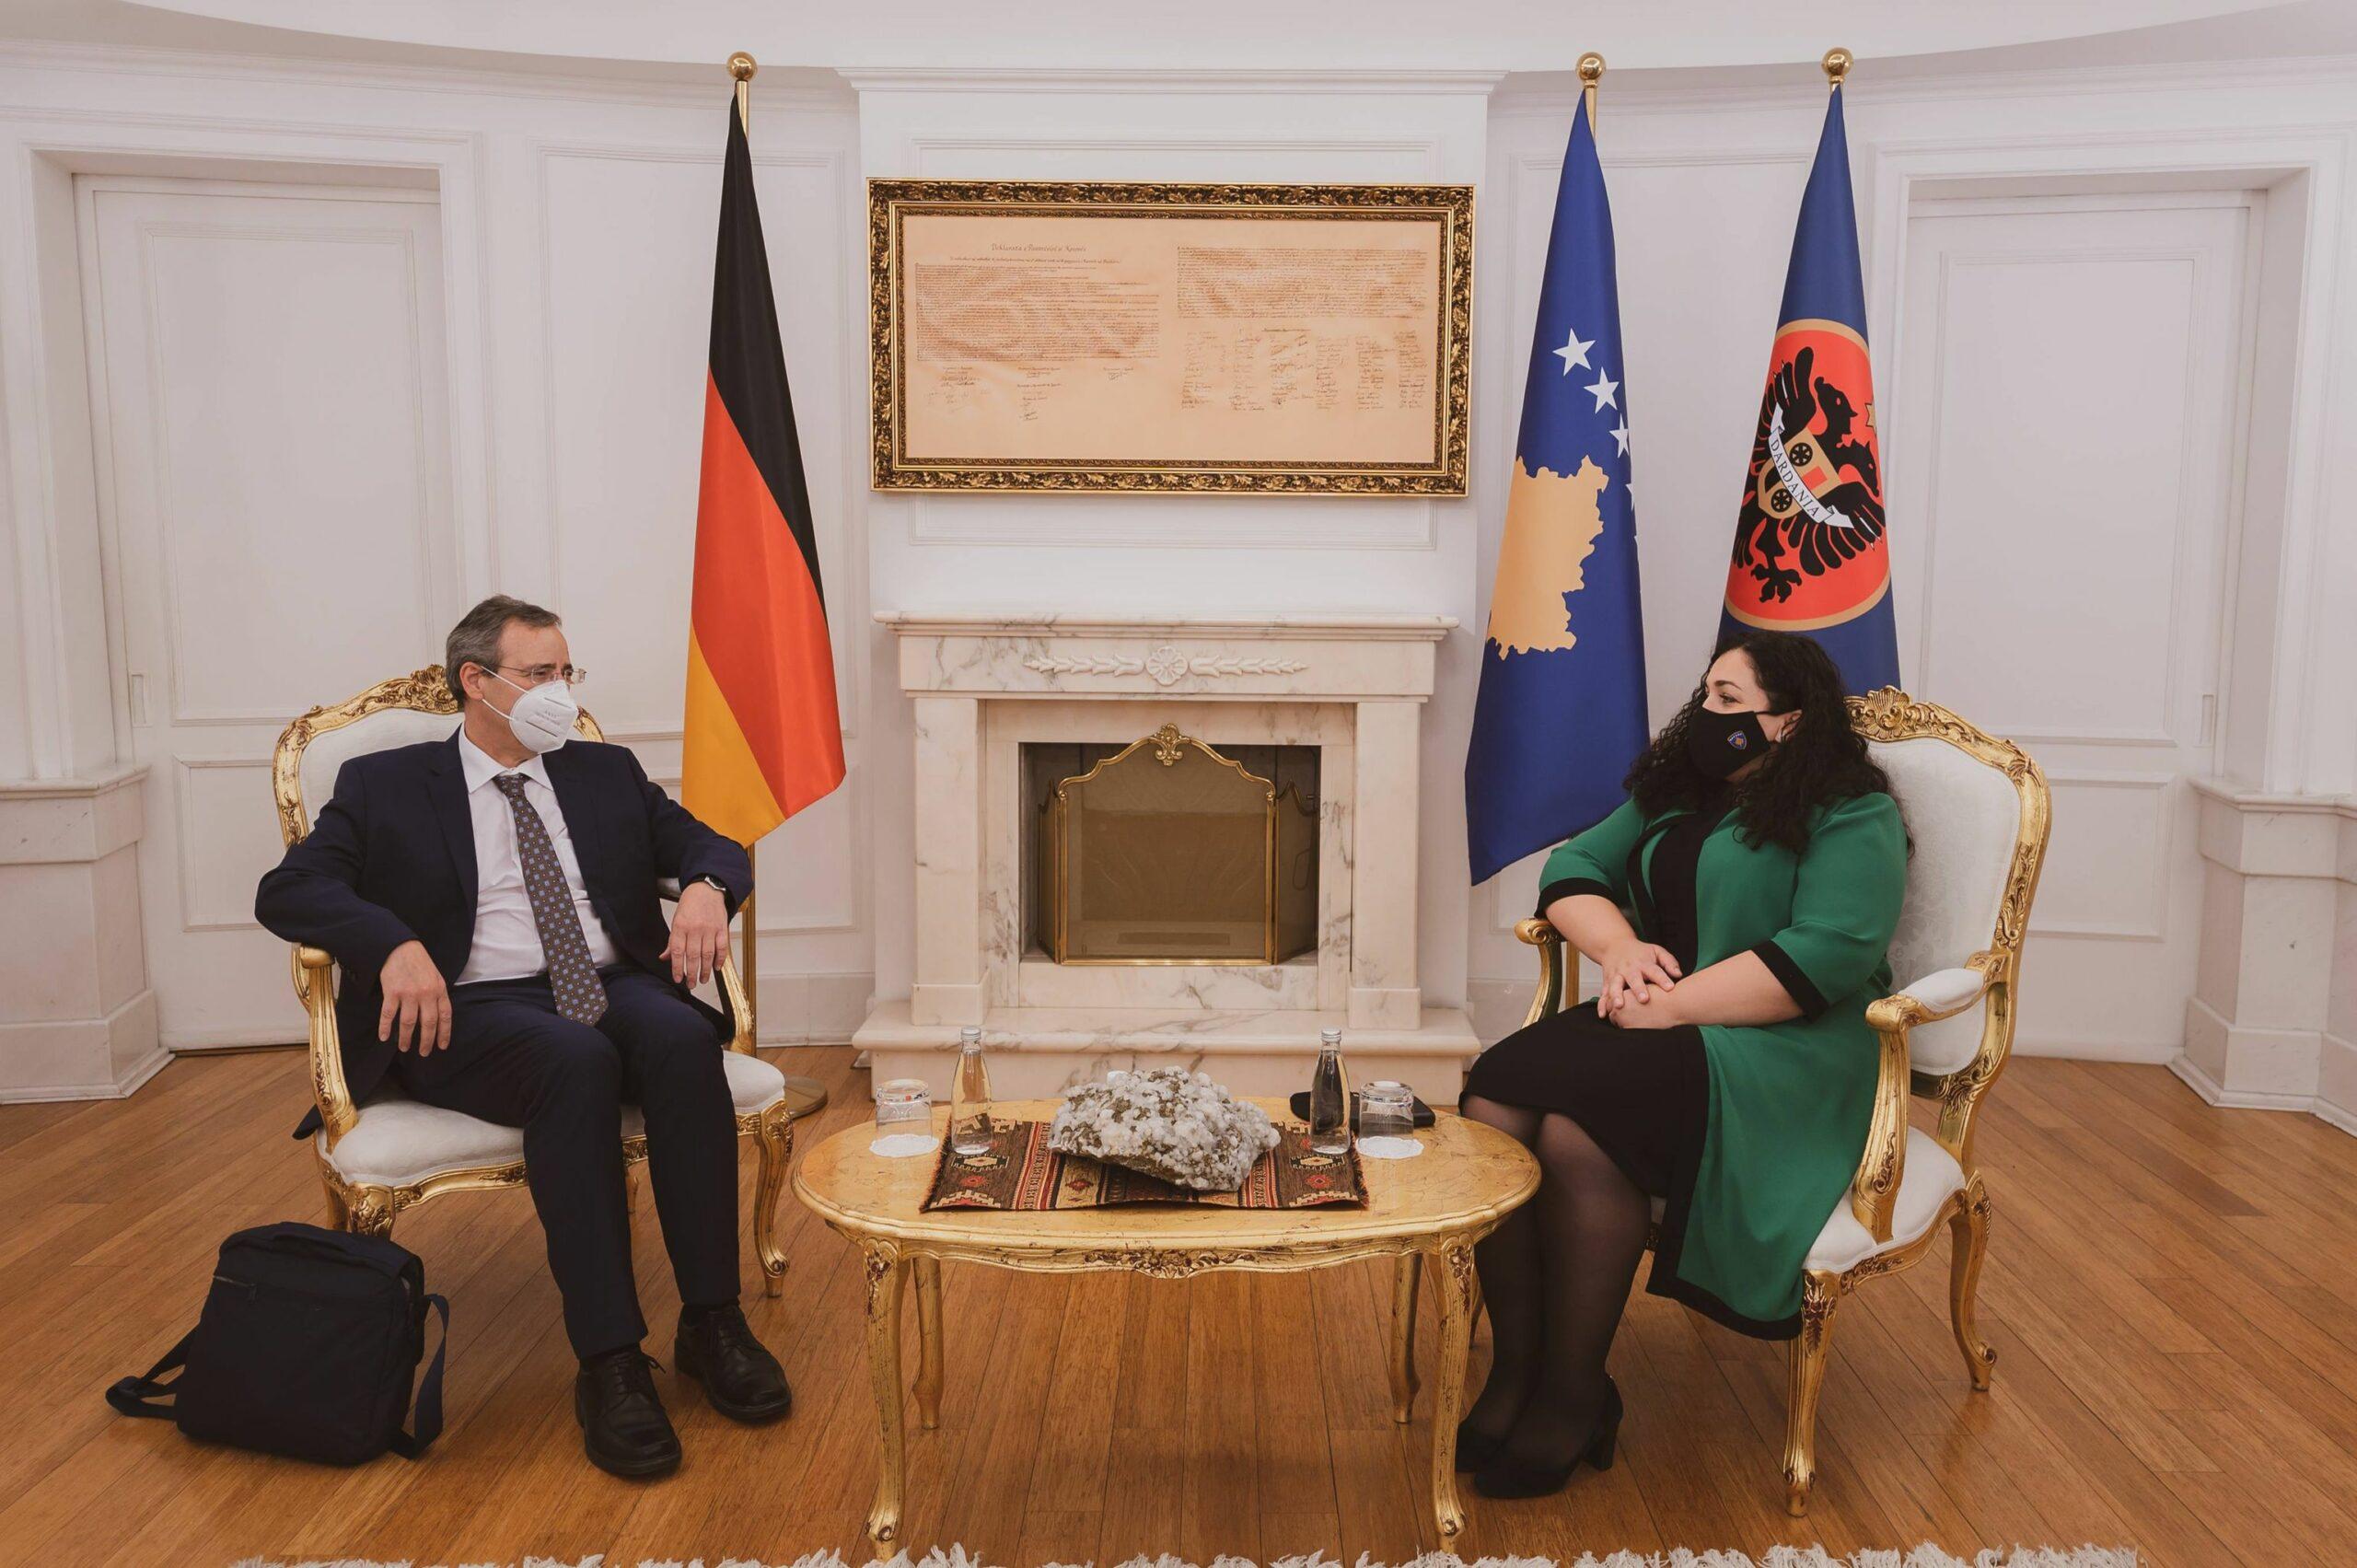 berger-gjermania-eshte-ne-favor-te-liberalizimit-te-vizave-per-shtetasit-e-kosoves